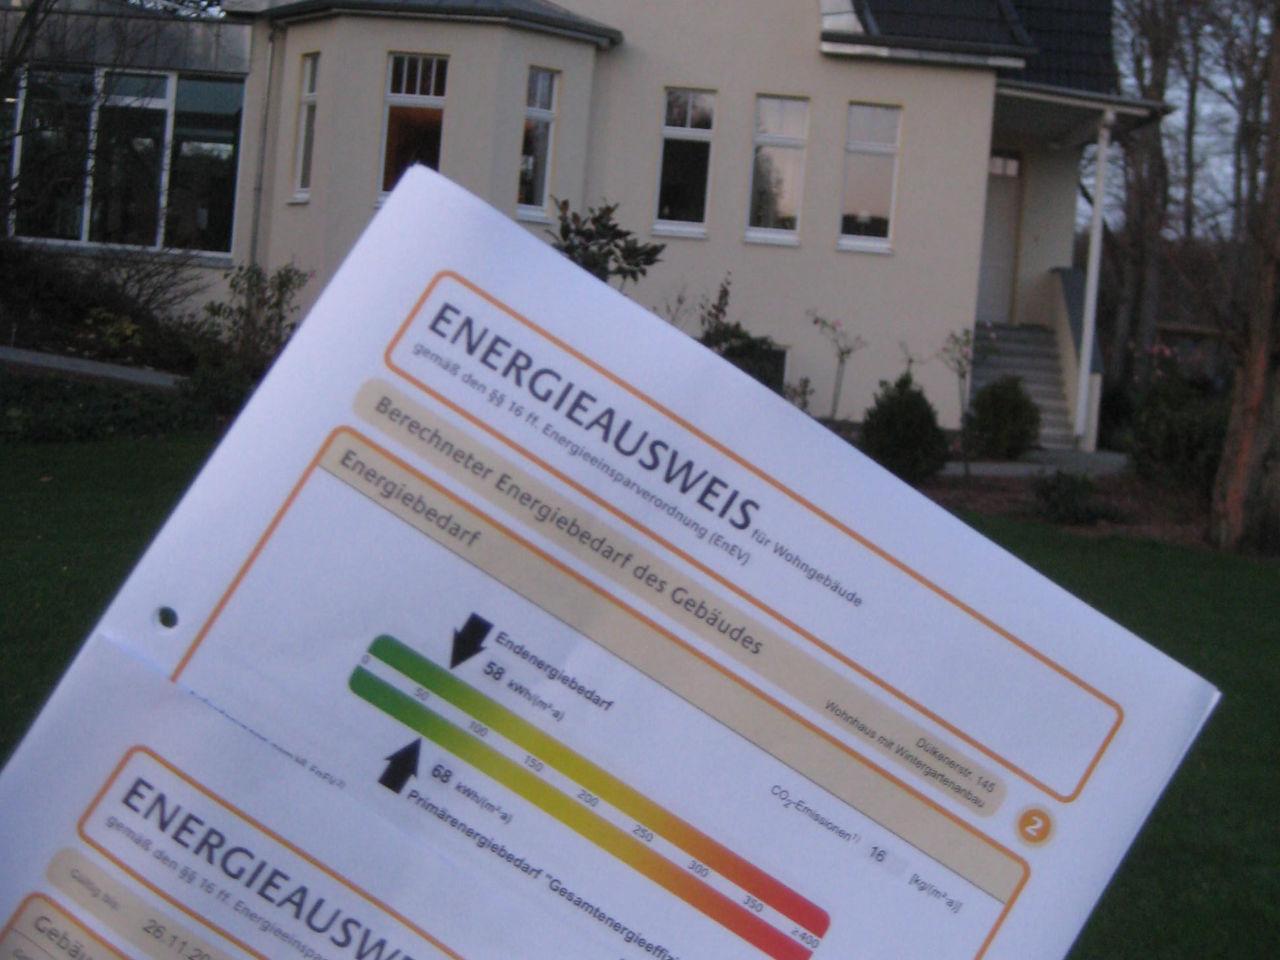 Energieausweis für Wohngebäude - Viersen, Mönchengladbach und Umgebung